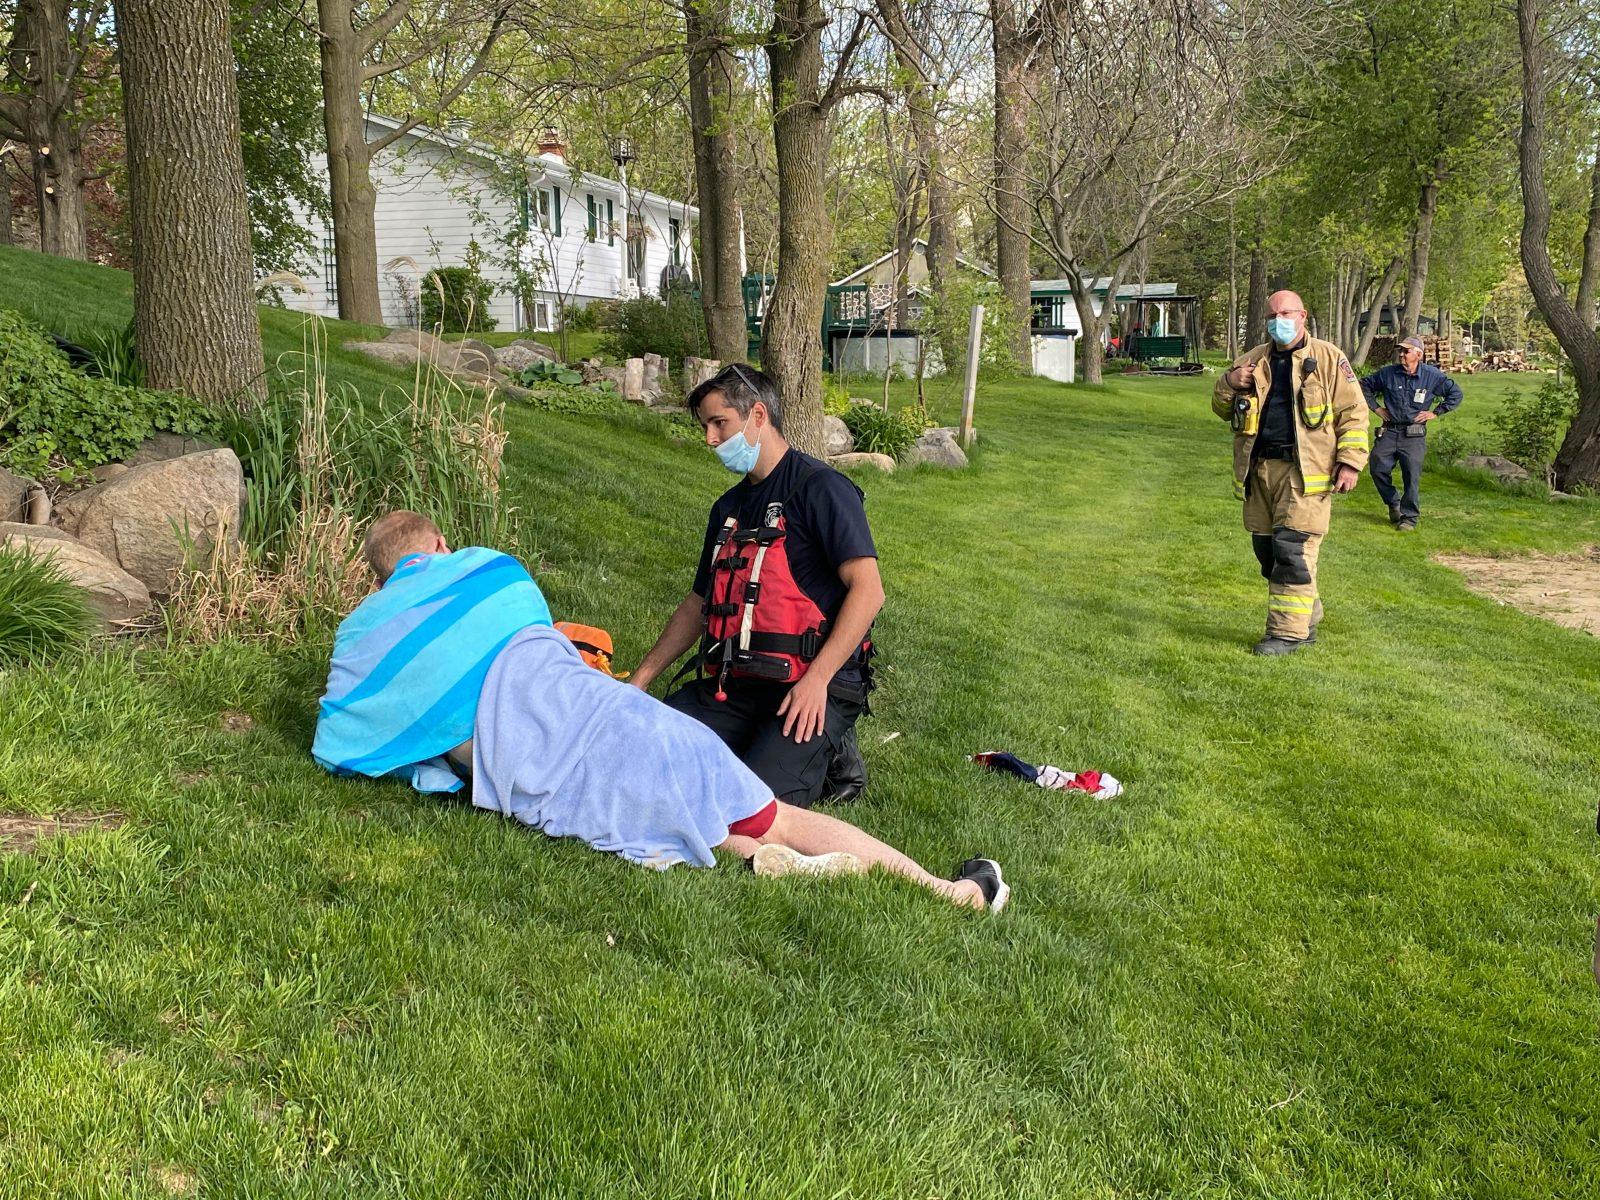 «Attachez vos vestes de sauvetage s'il vous plait» – le père de la victime